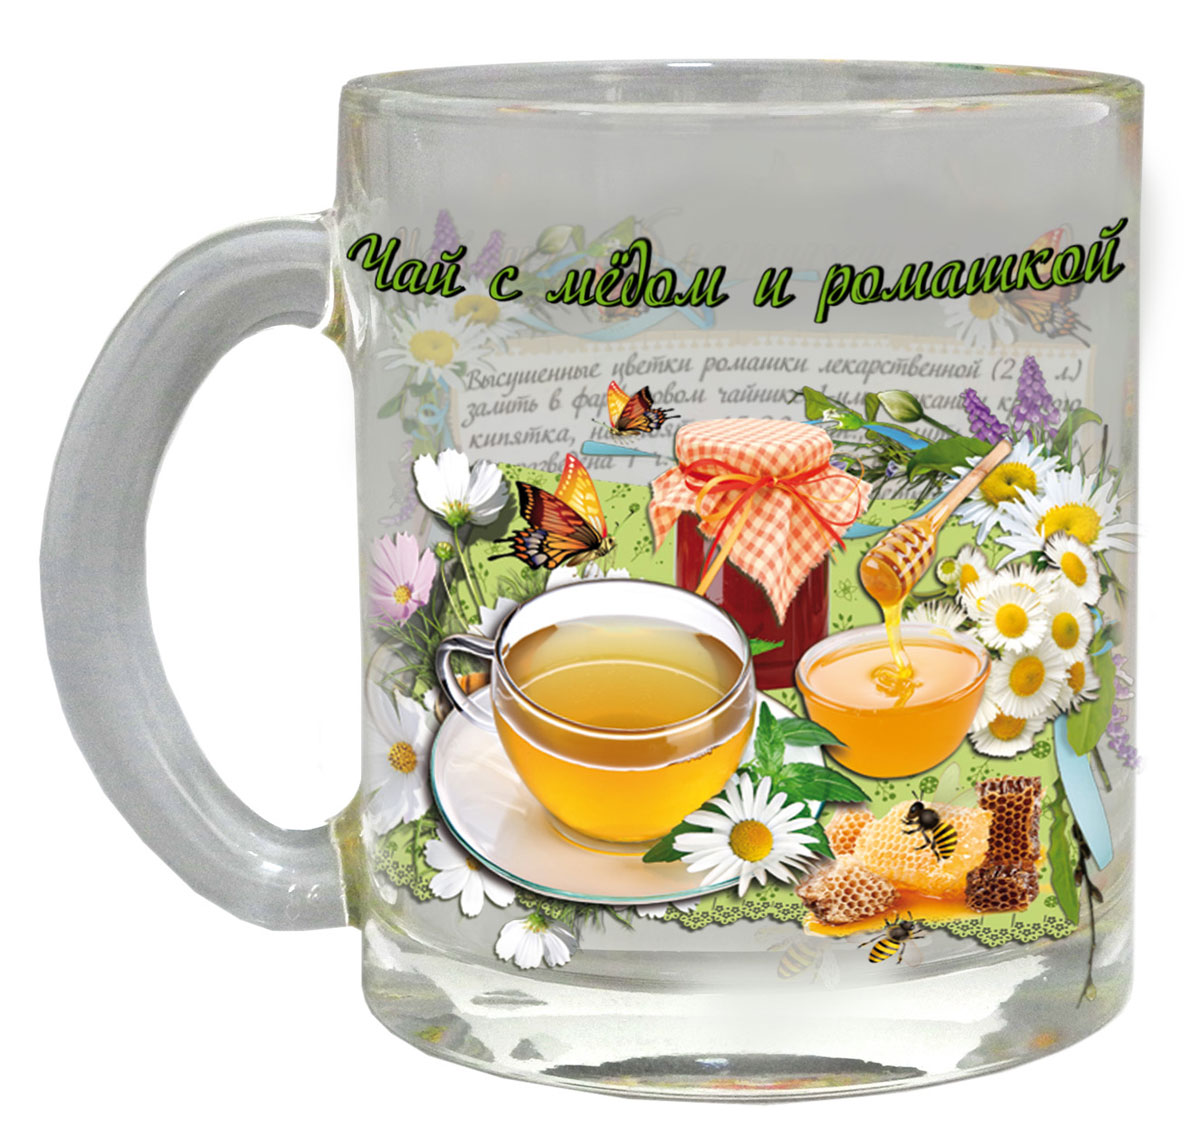 Кружка Квестор Чай с медом и ромашкой, 320 мл103-001Кружка Чай с медом и ромашкой выполнена из стекла. Внешняя сторона оформлена оригинальным рисунком и надписью.Кружка сочетает в себе оригинальный дизайн и функциональность. Благодаря такой кружке пить напитки будет еще вкуснее.